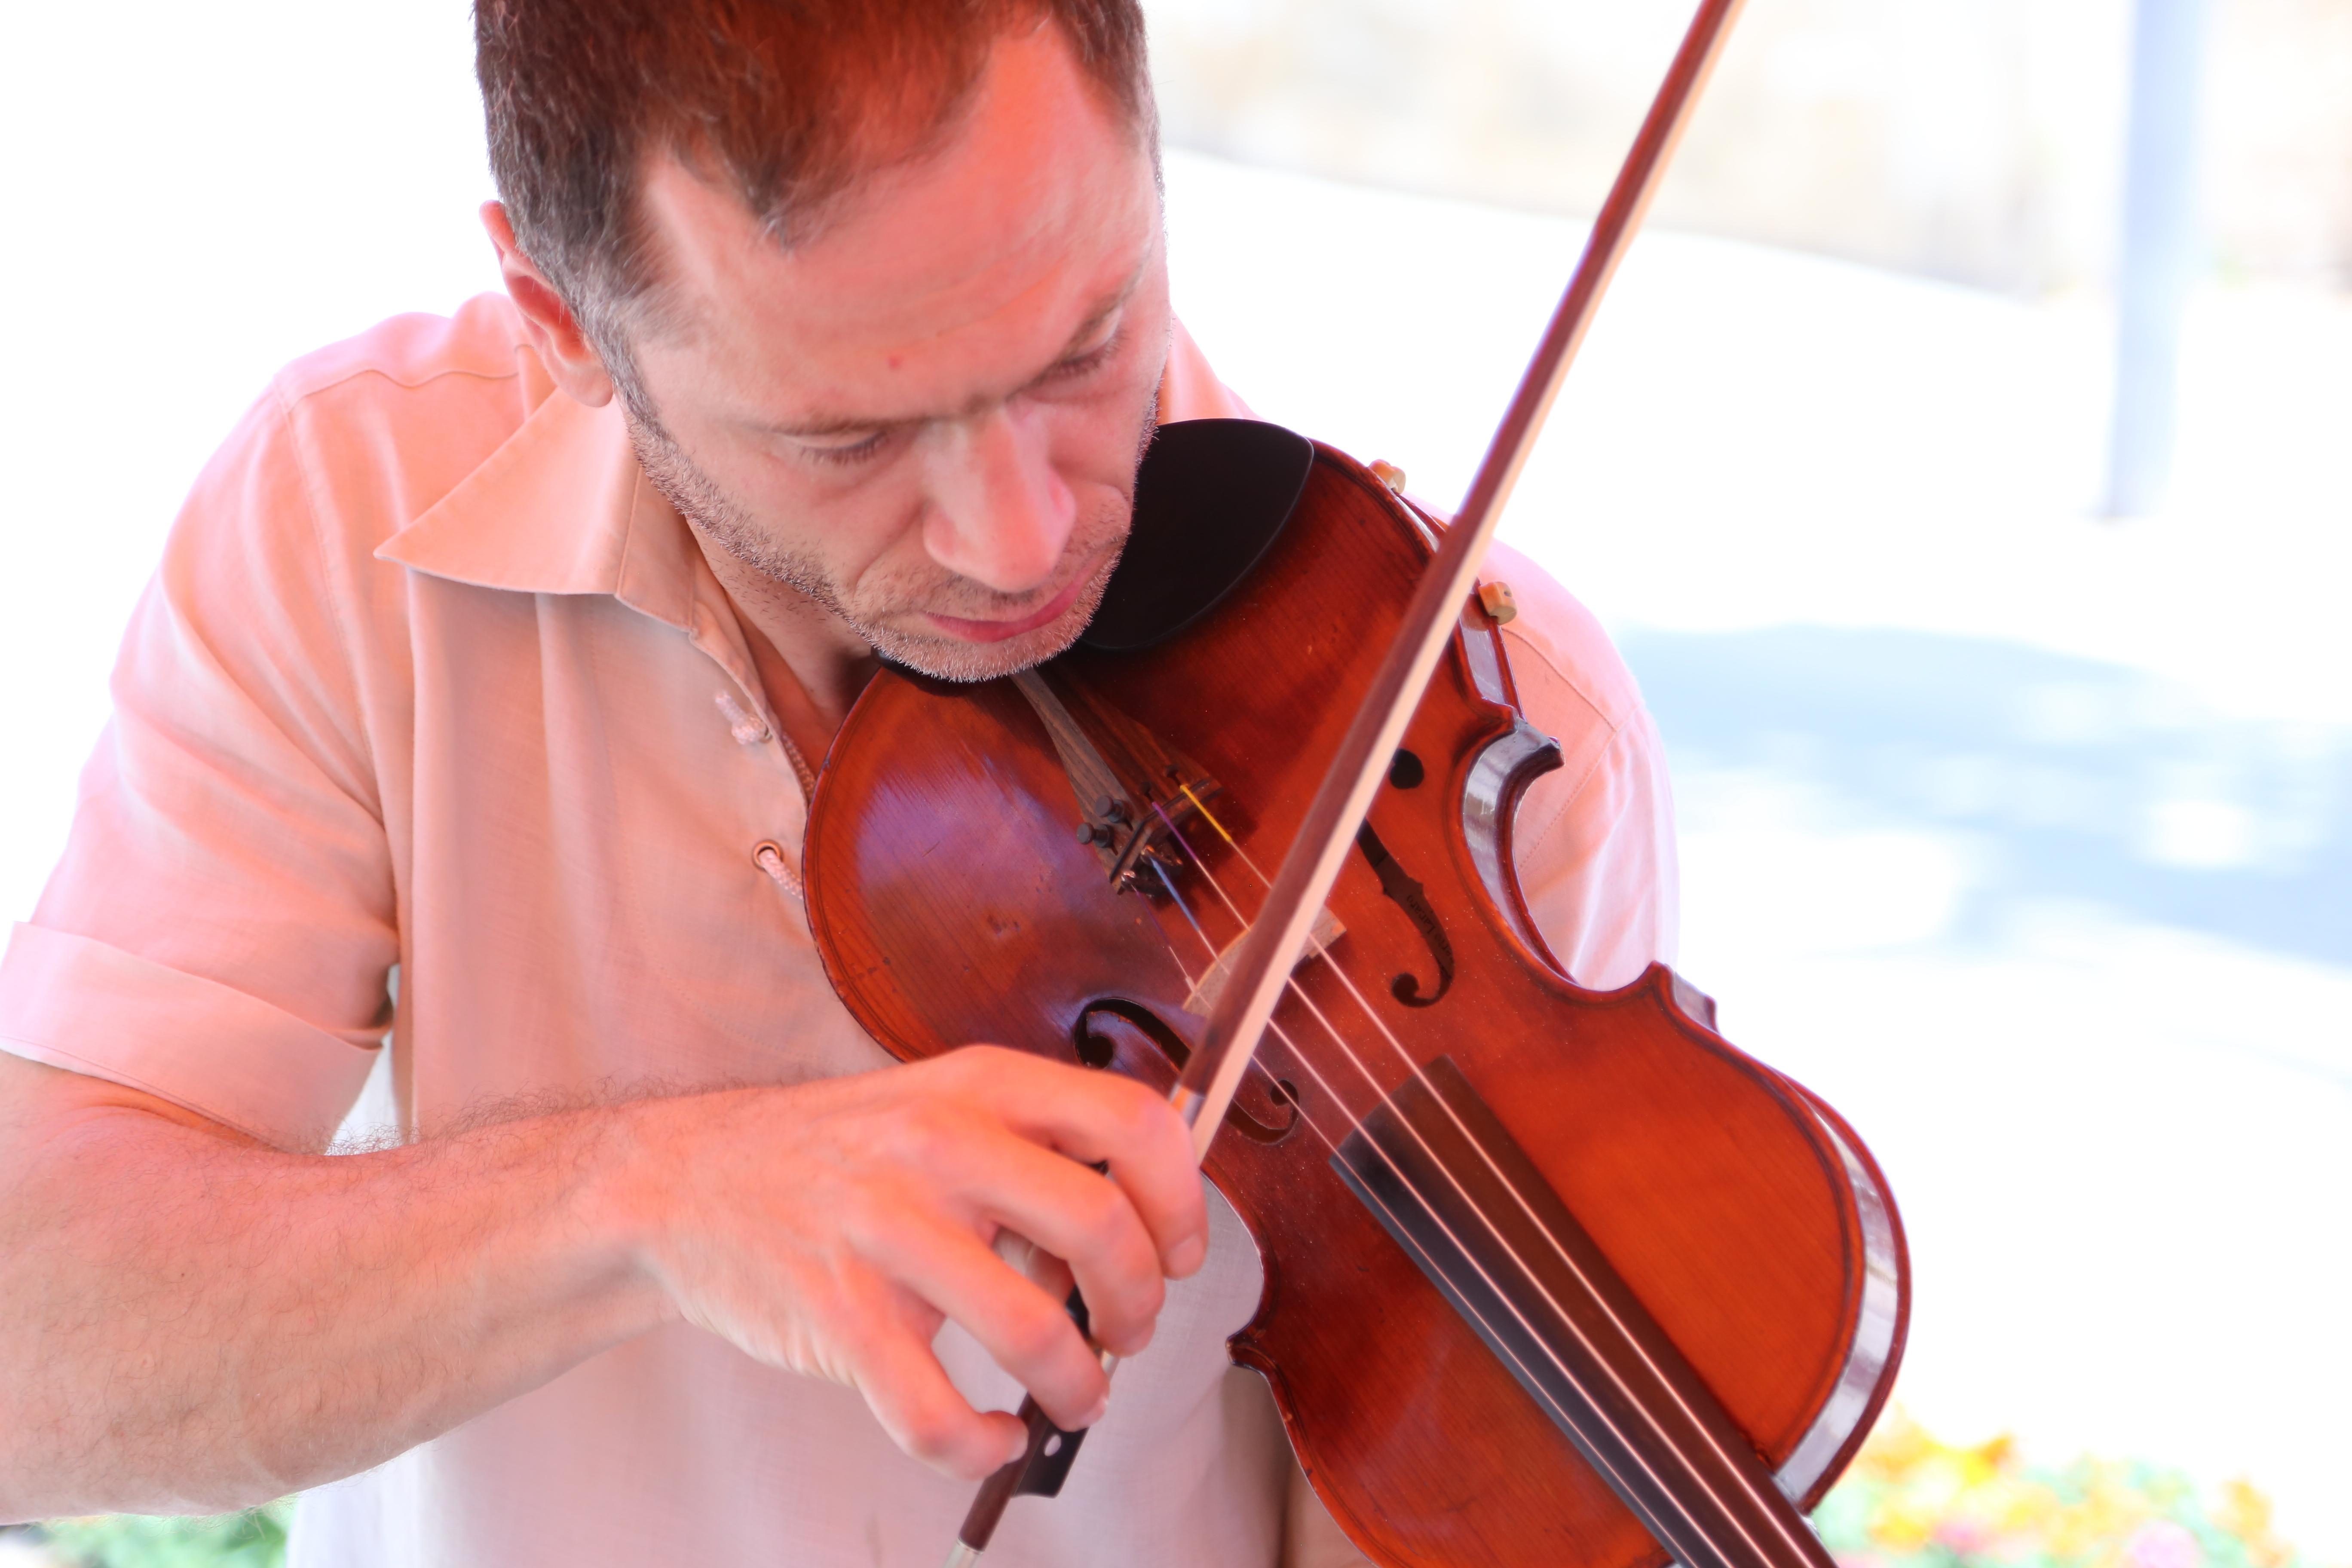 אלכסיי סובה-כינור ומלחין